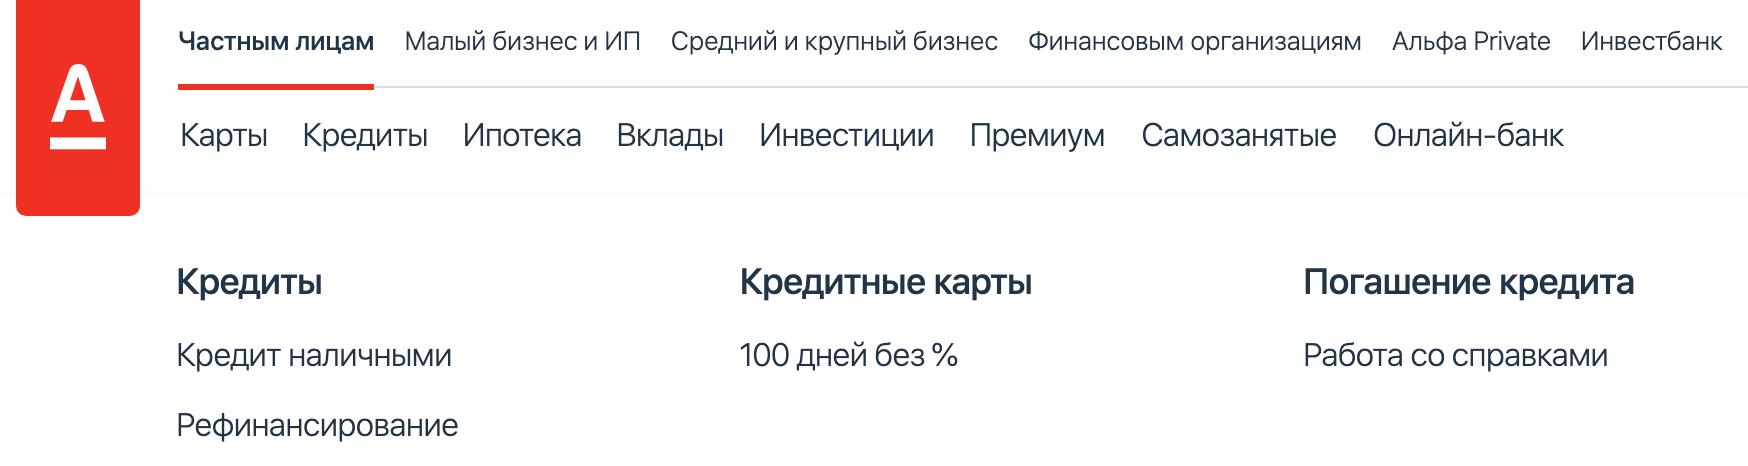 гражданин поздняков воспользовался банковским кредитом приобрел автомобиль